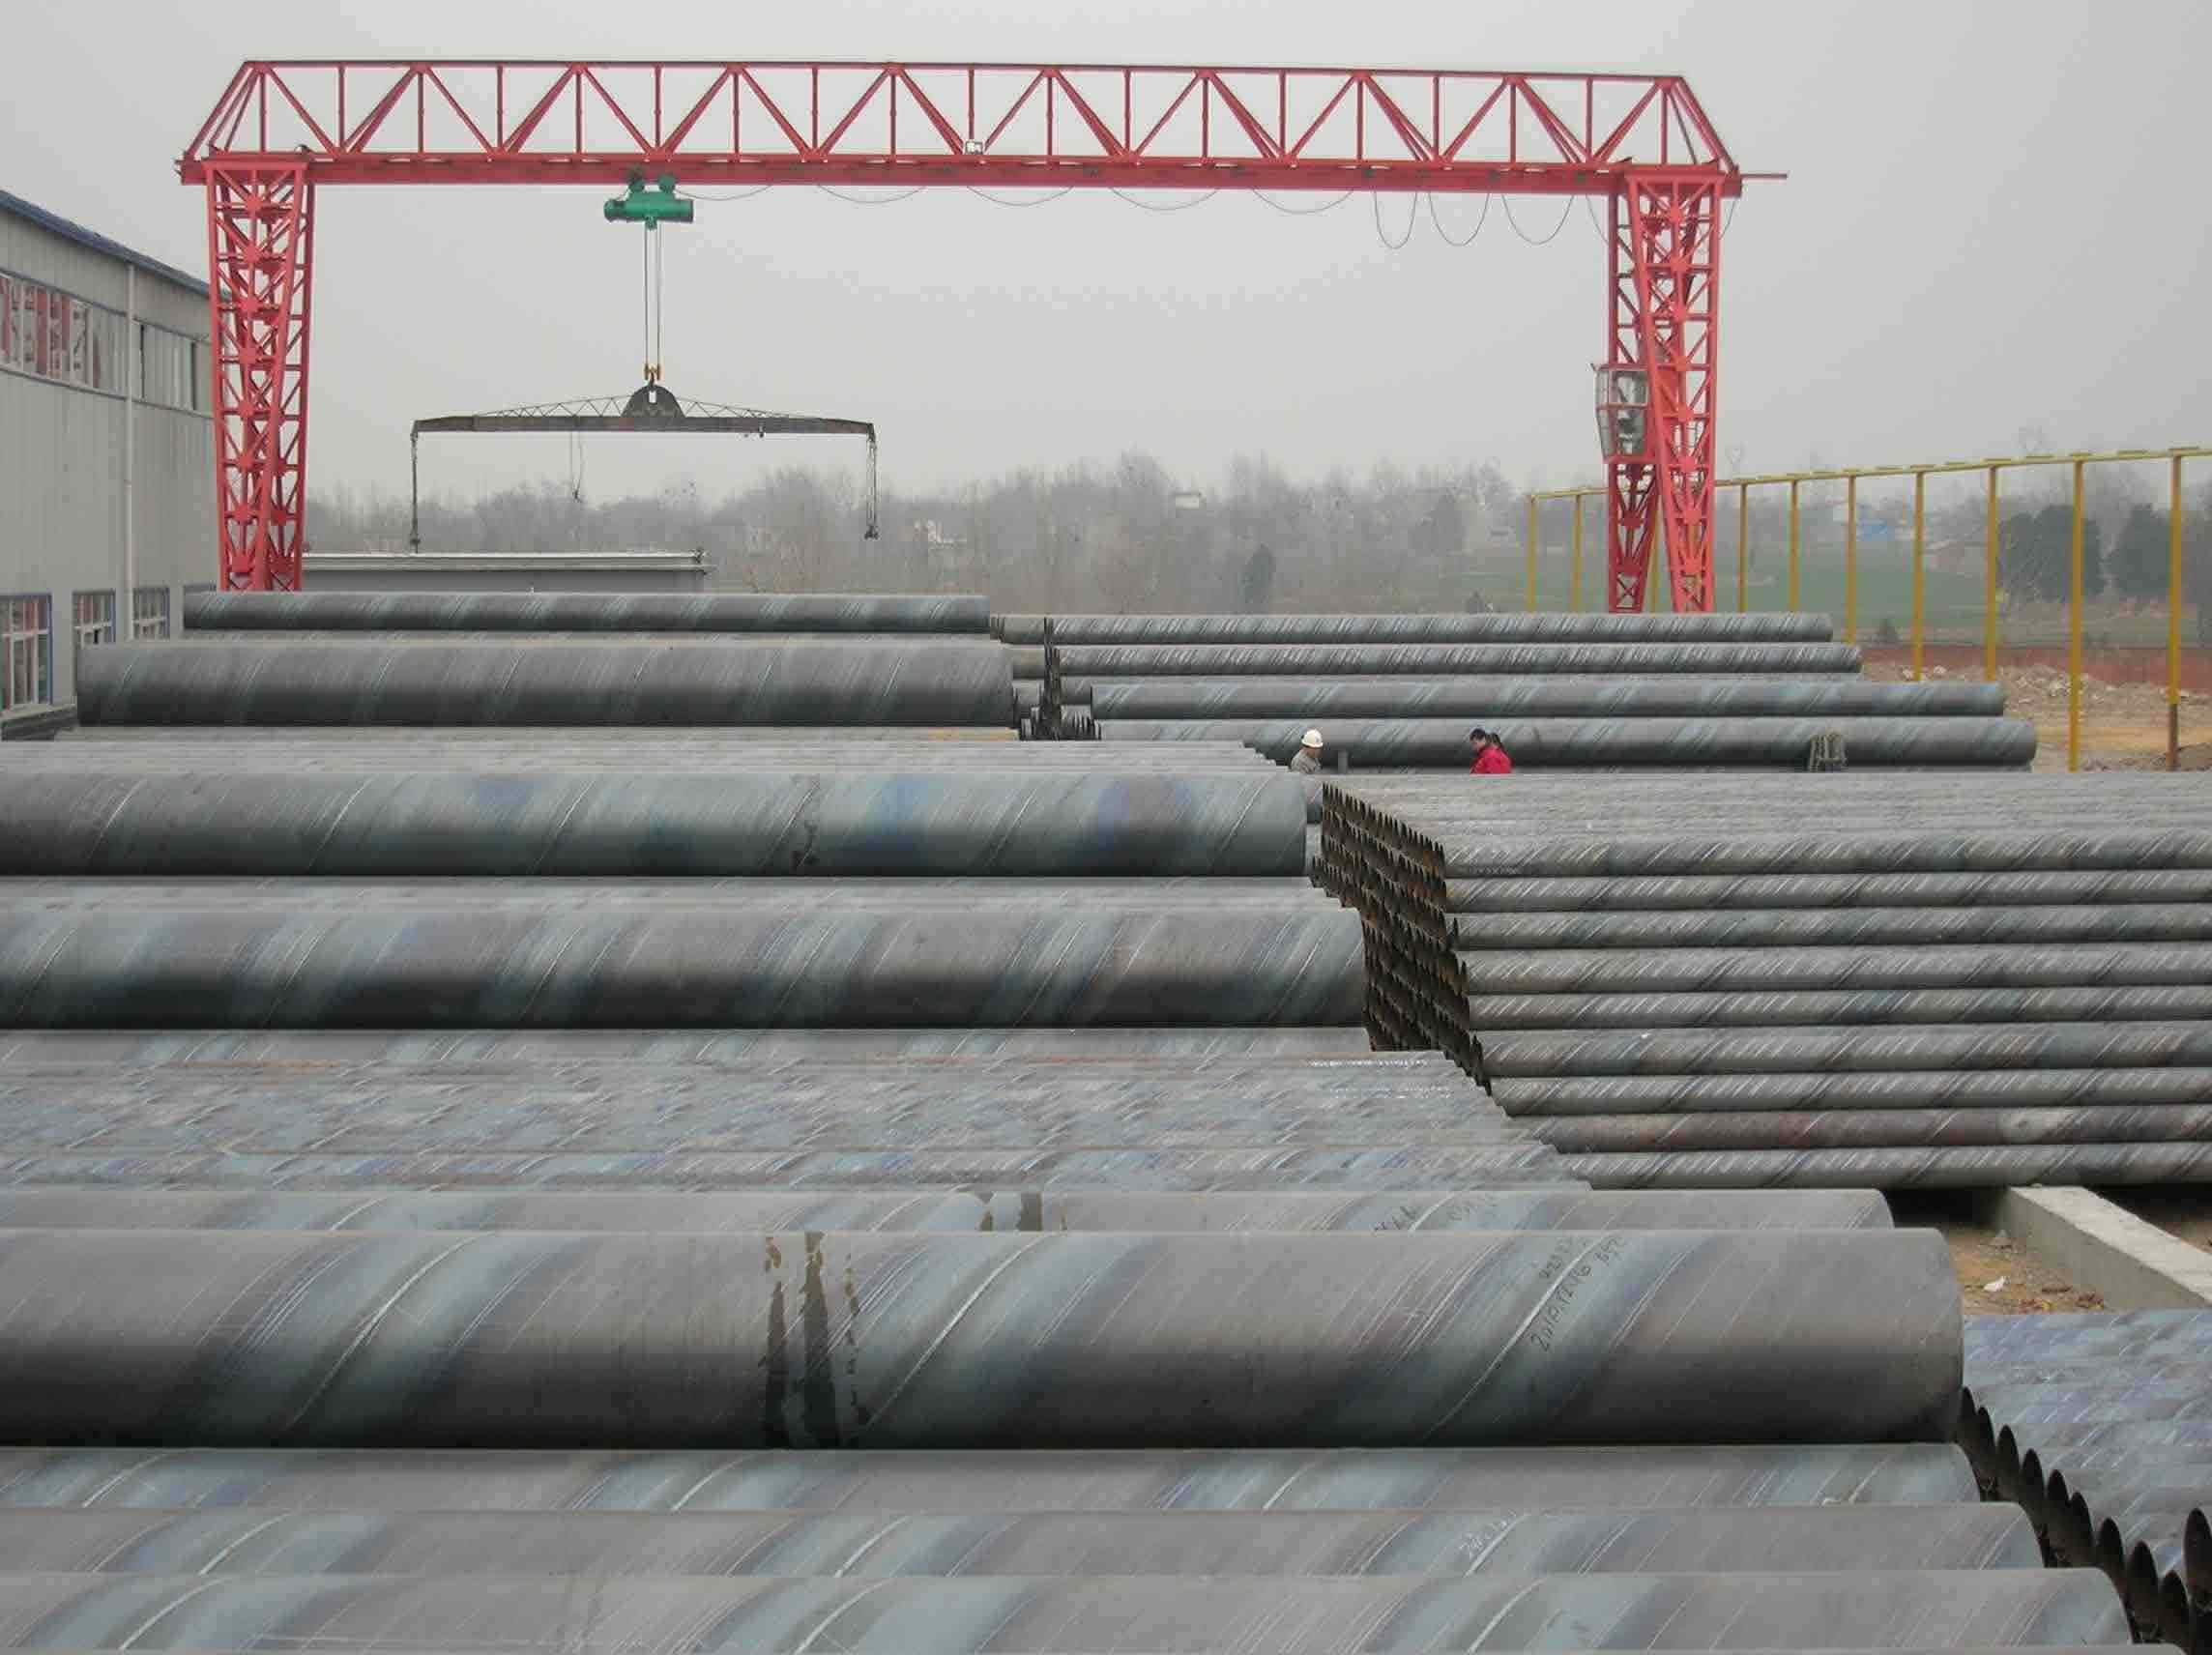 天津螺旋管螺旋管生产厂家螺旋管定尺定做大口径螺旋管定做